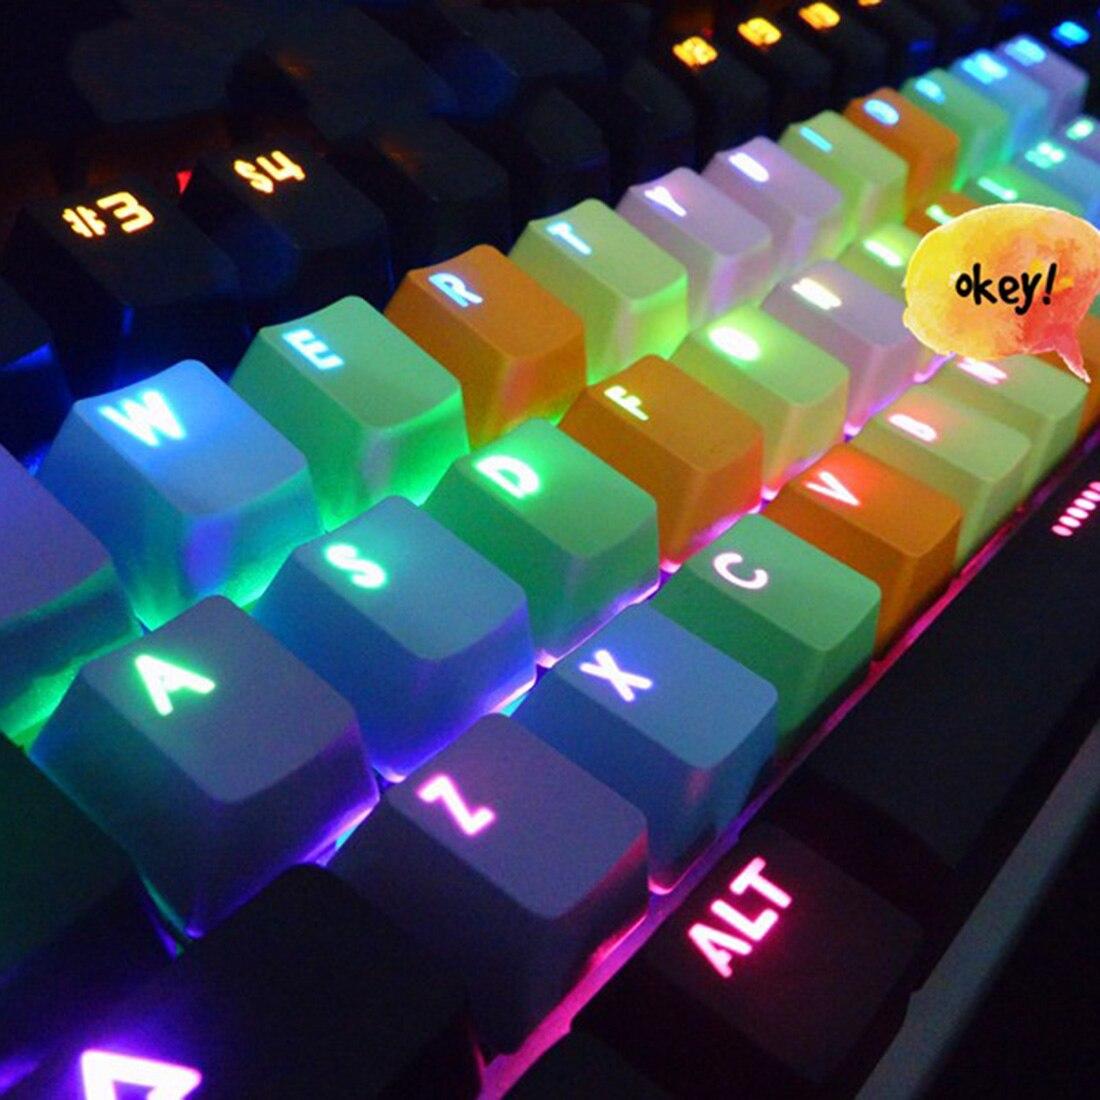 Noyokere Подсветка pbt 37 клавиш двойной S просвечивающие Подсветка подсветкой Радуга колпачки для механической клавиатуры